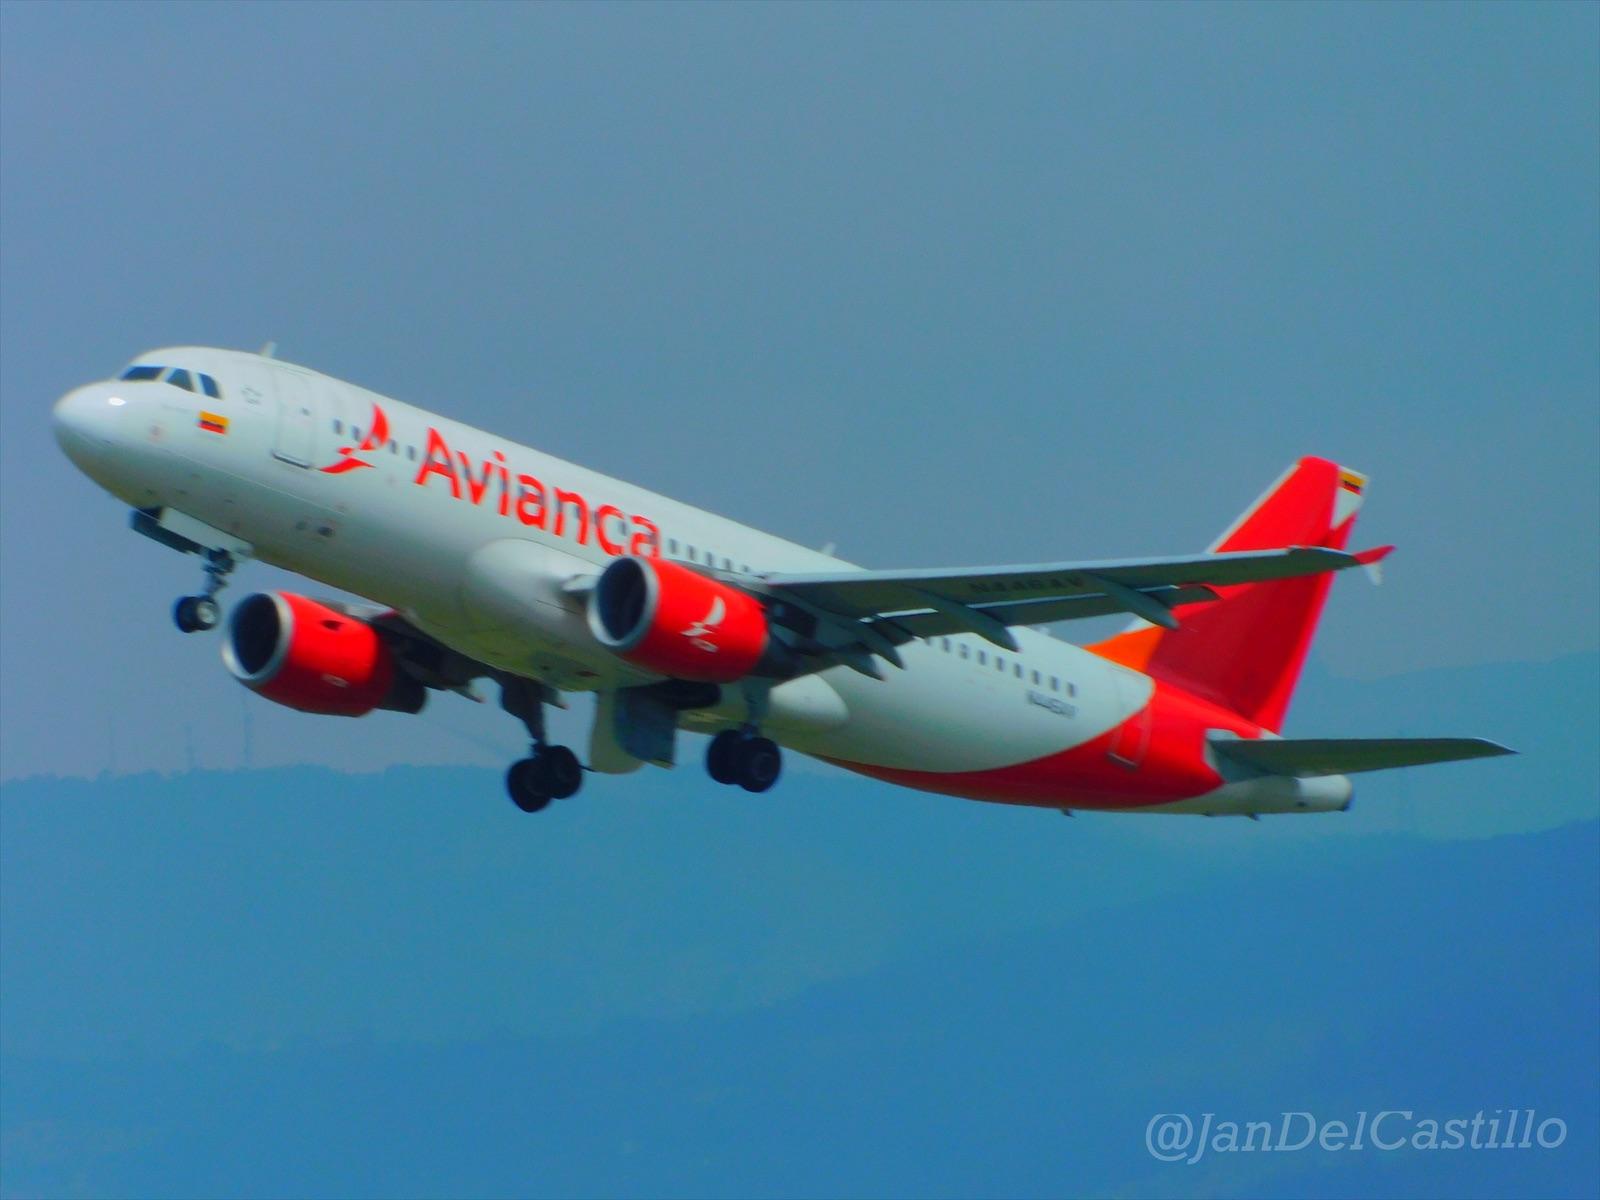 Avianca busca ganar mercado; lanzará nuevo esquema tarifario en México